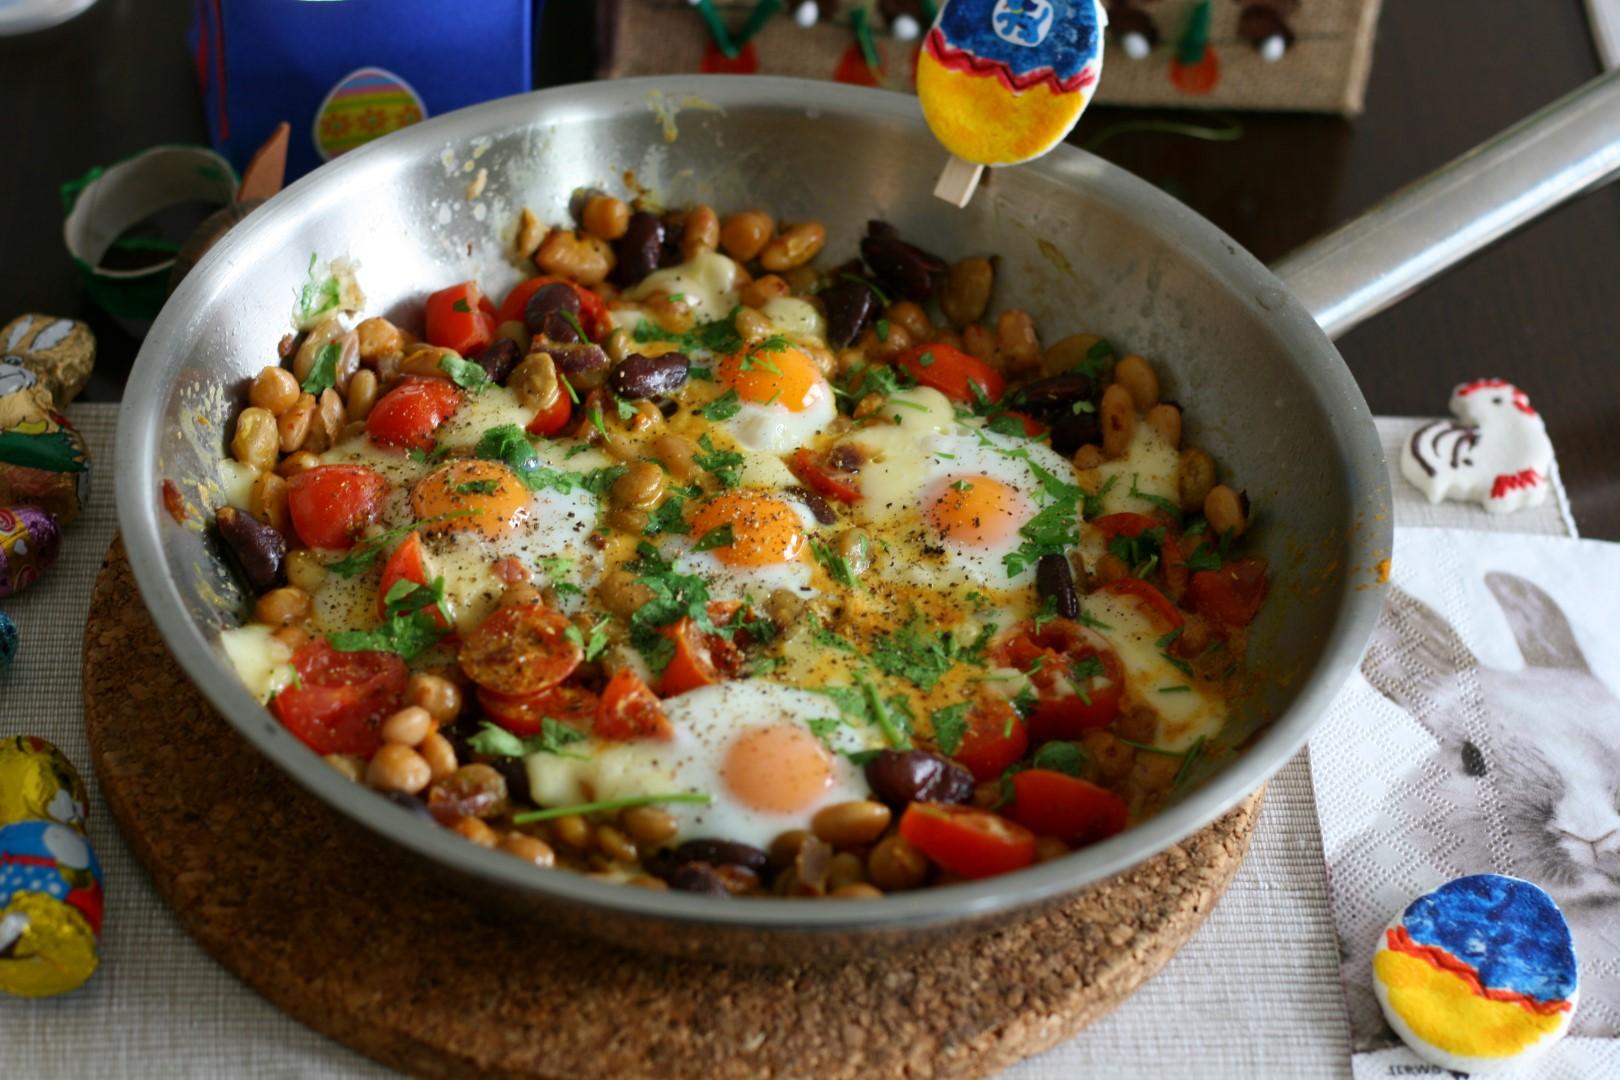 Atemberaubend Amma Vegetarische Küche Galerie - Ideen Für Die Küche ...